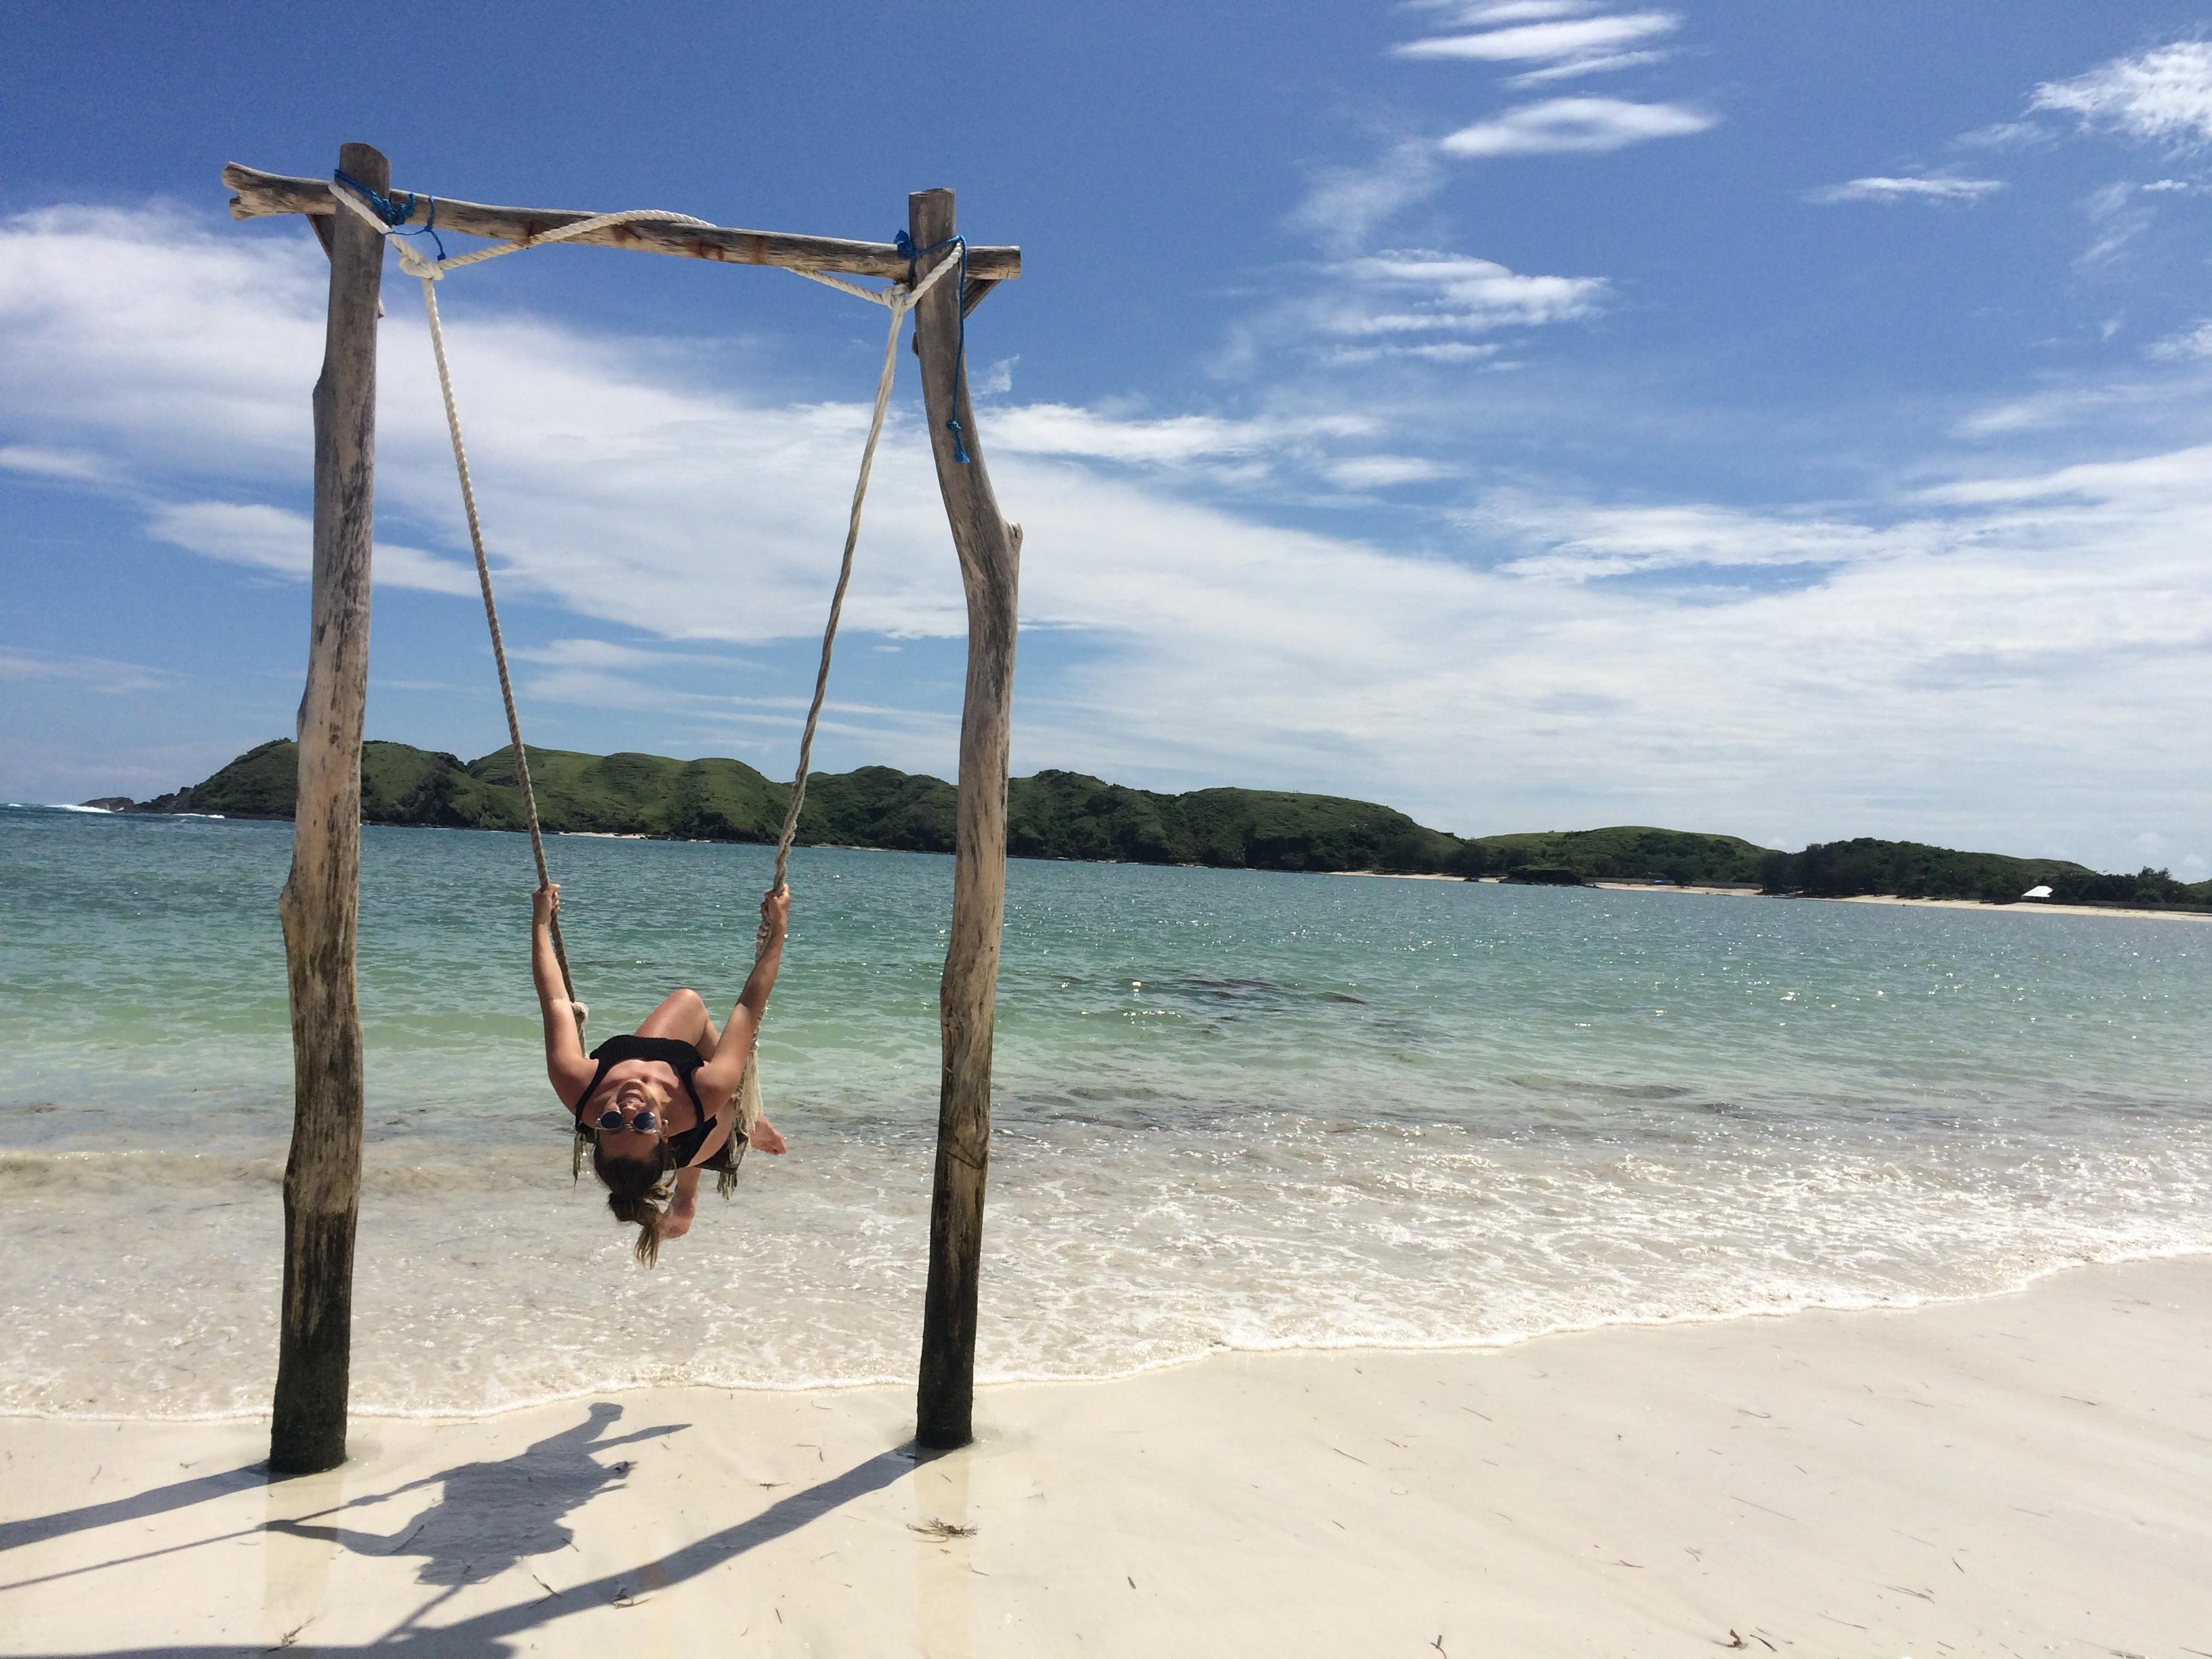 Balançoire et plage de sable blanc TAJUNGANN, Lombok, Indonésie